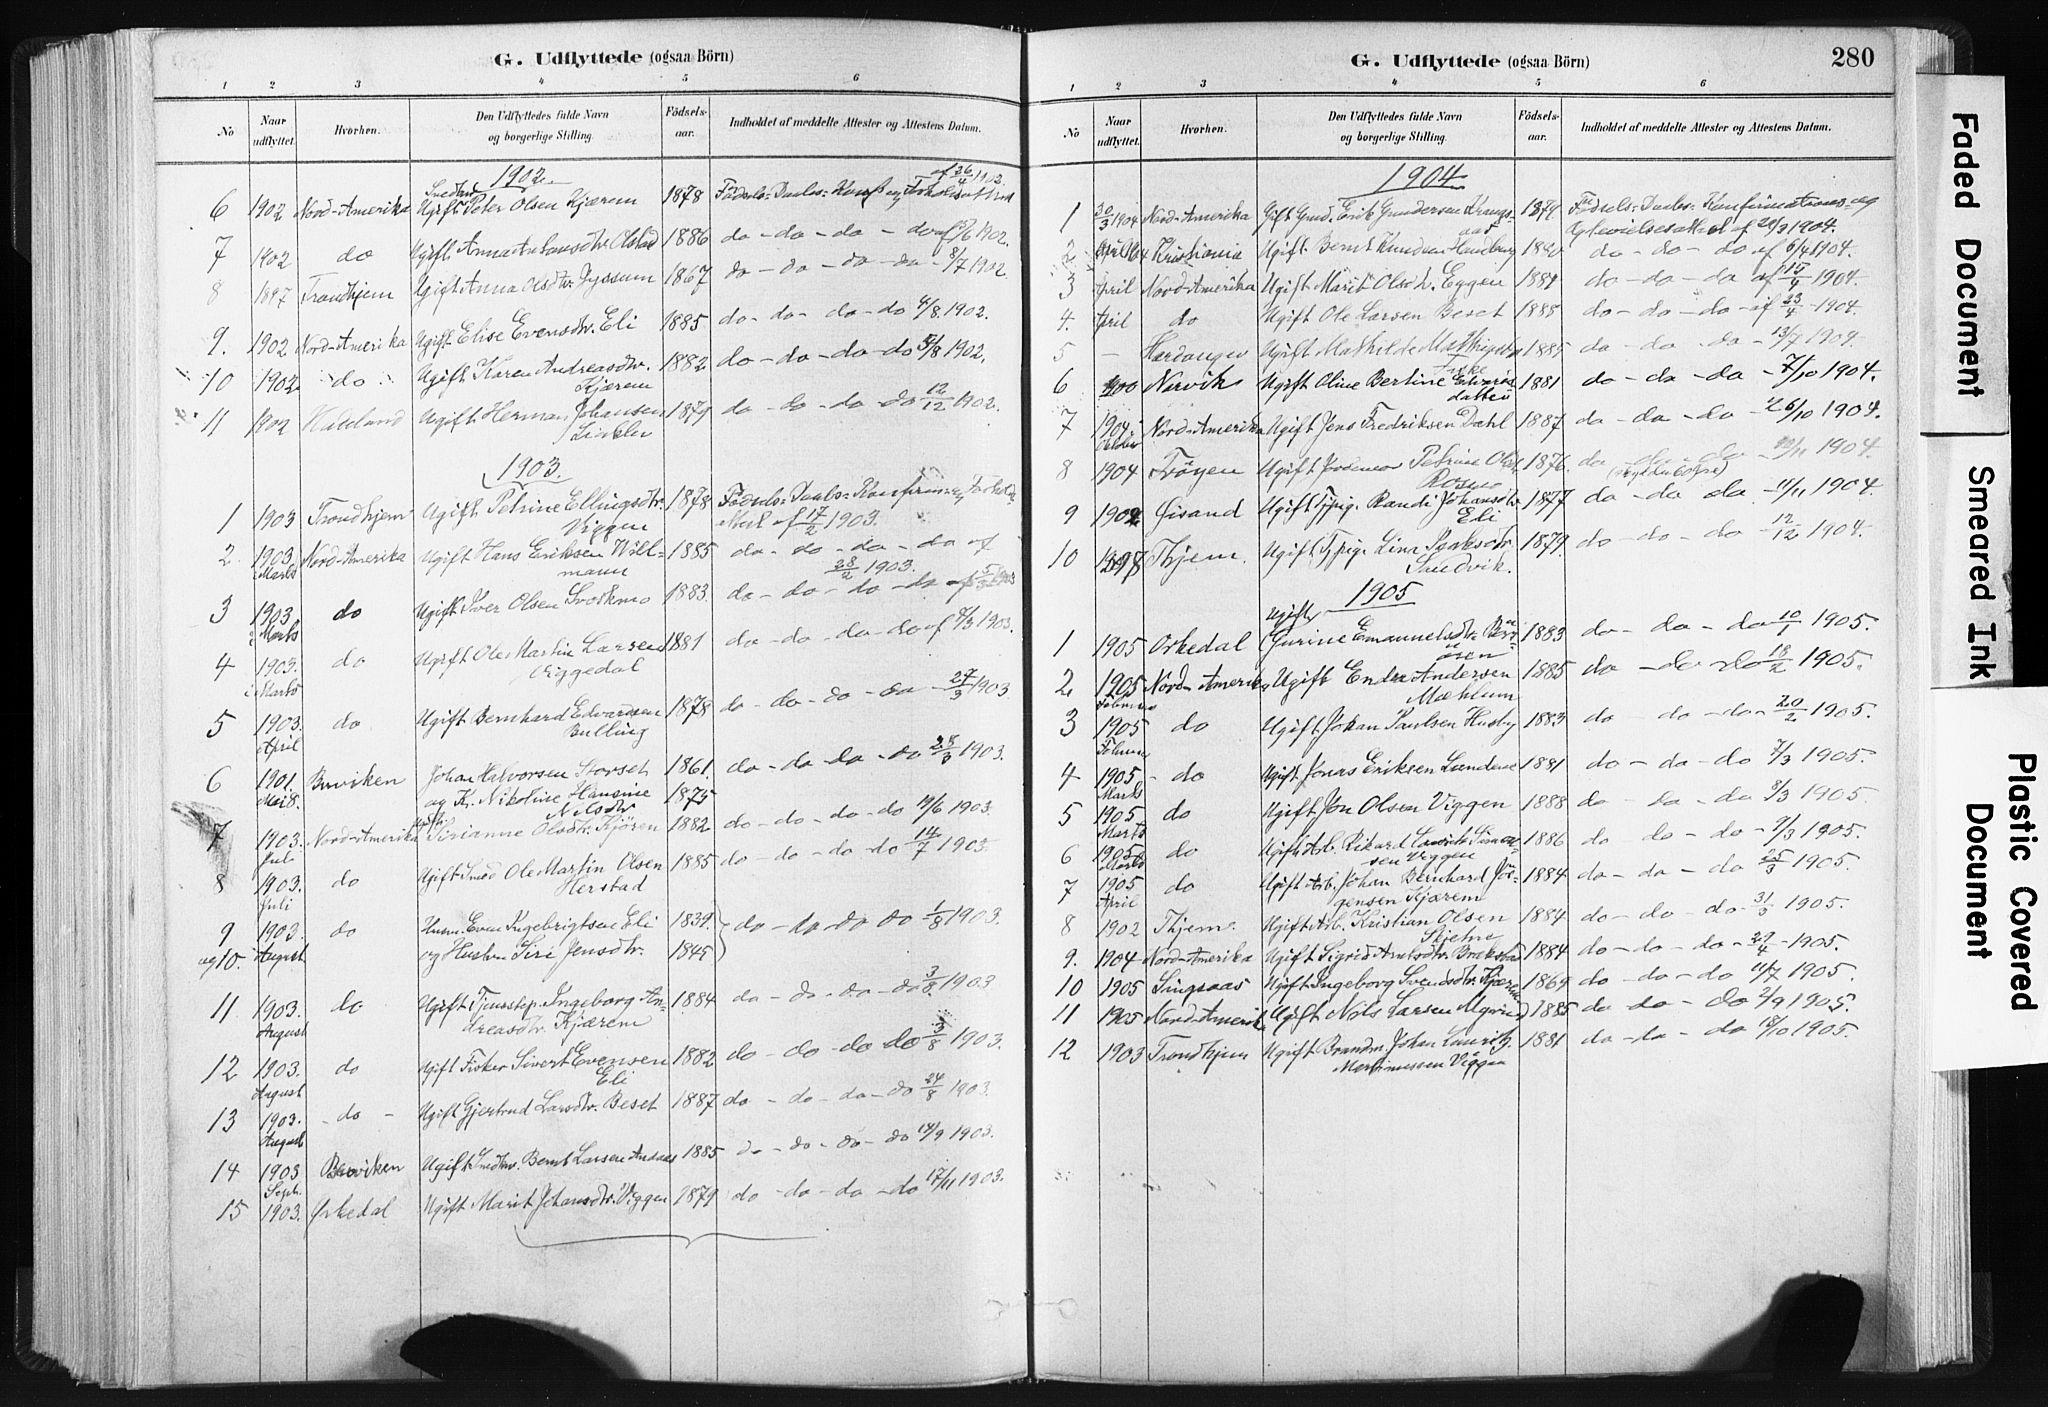 SAT, Ministerialprotokoller, klokkerbøker og fødselsregistre - Sør-Trøndelag, 665/L0773: Ministerialbok nr. 665A08, 1879-1905, s. 280